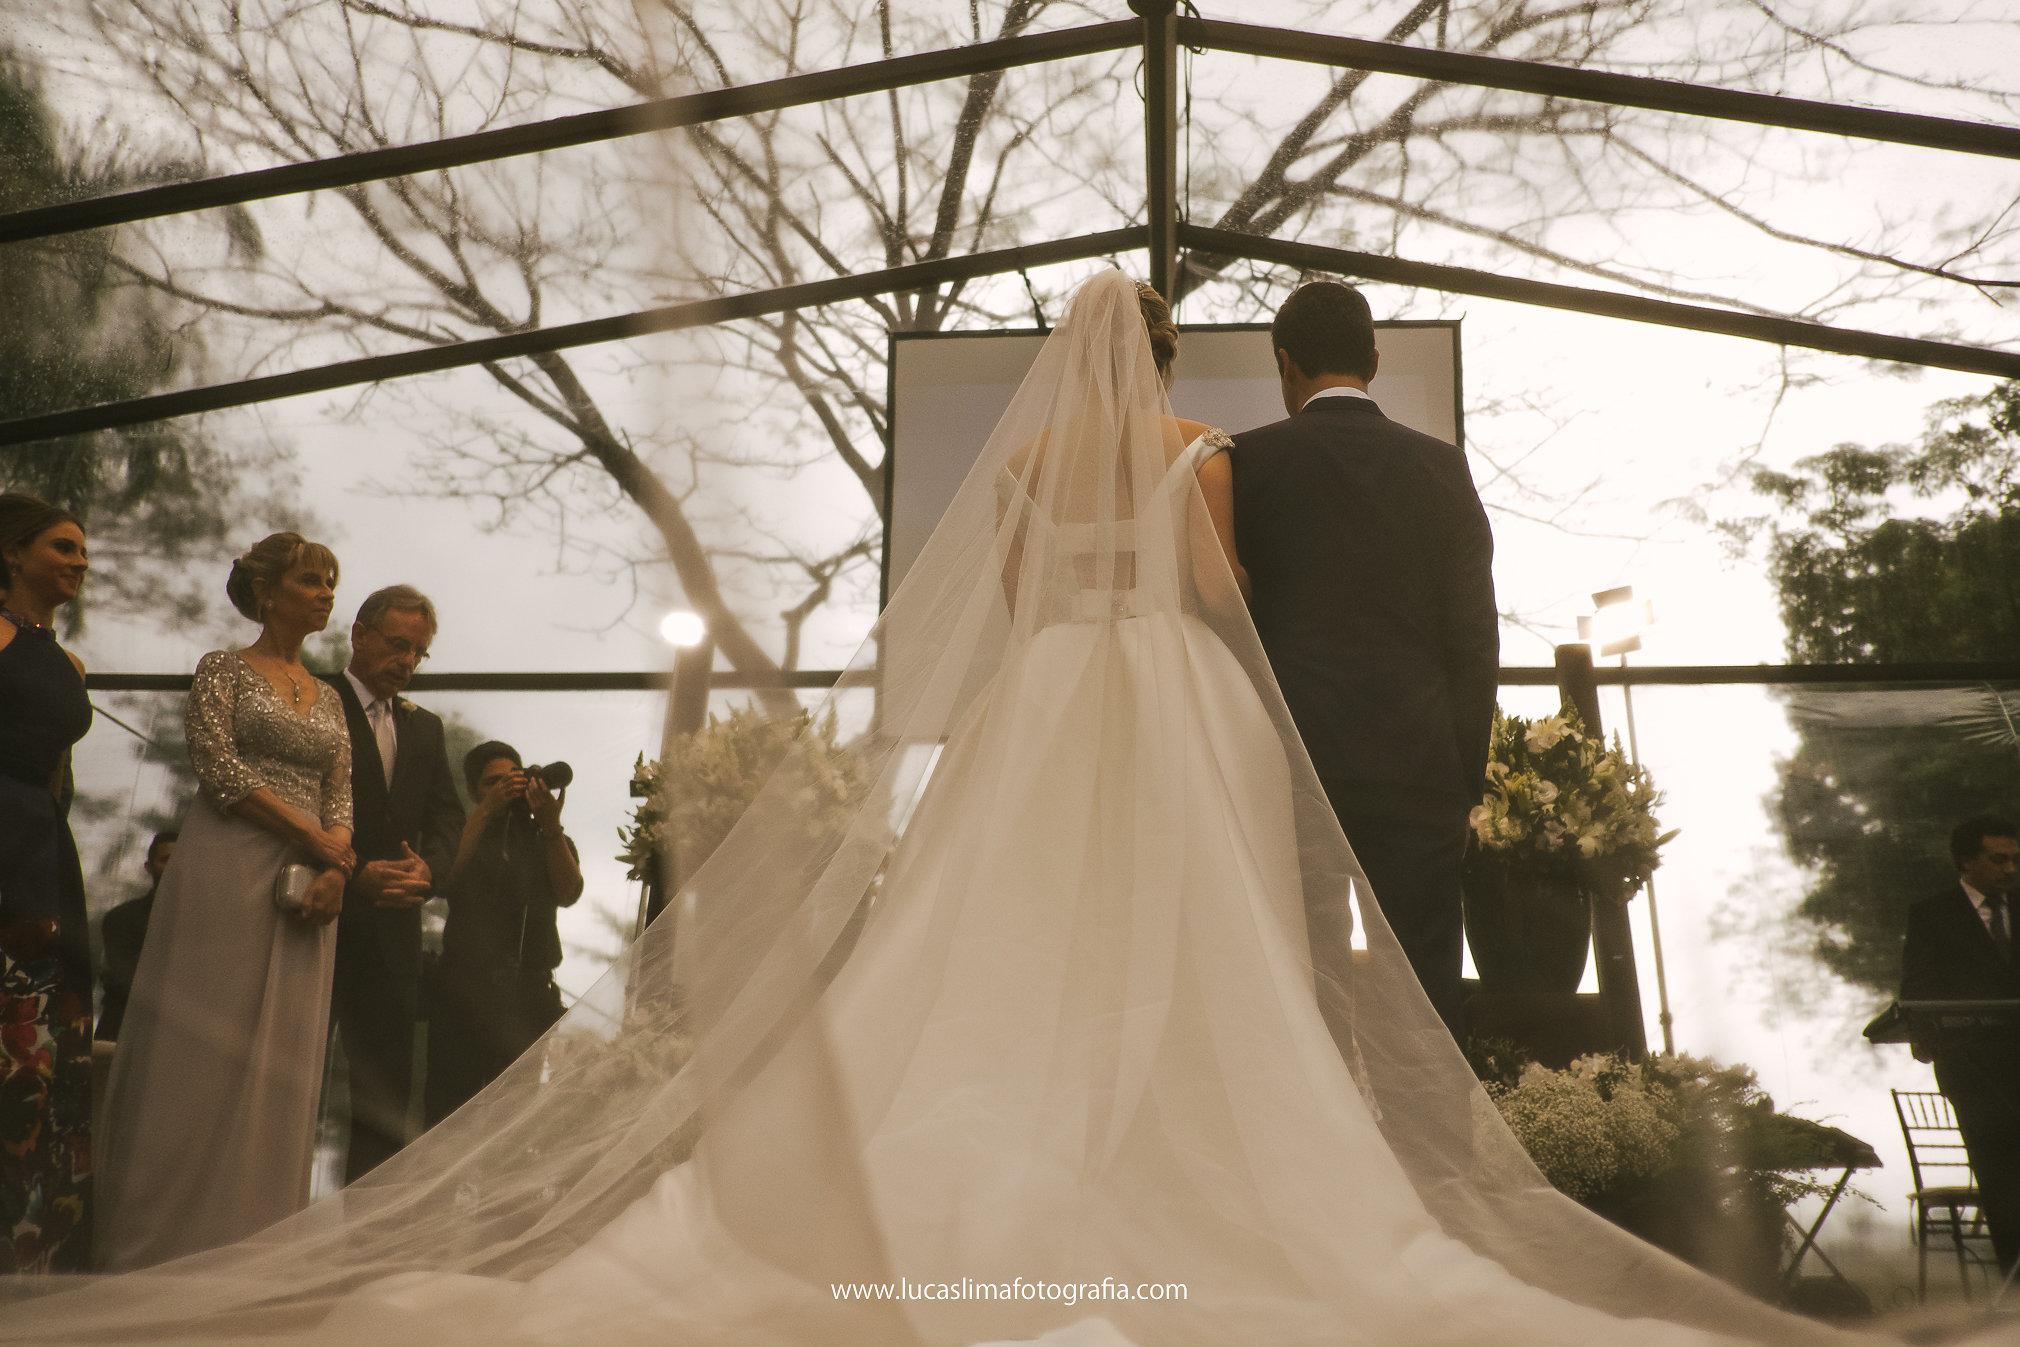 casamento-flavia-e-thomas-lucaslimafotografia-99